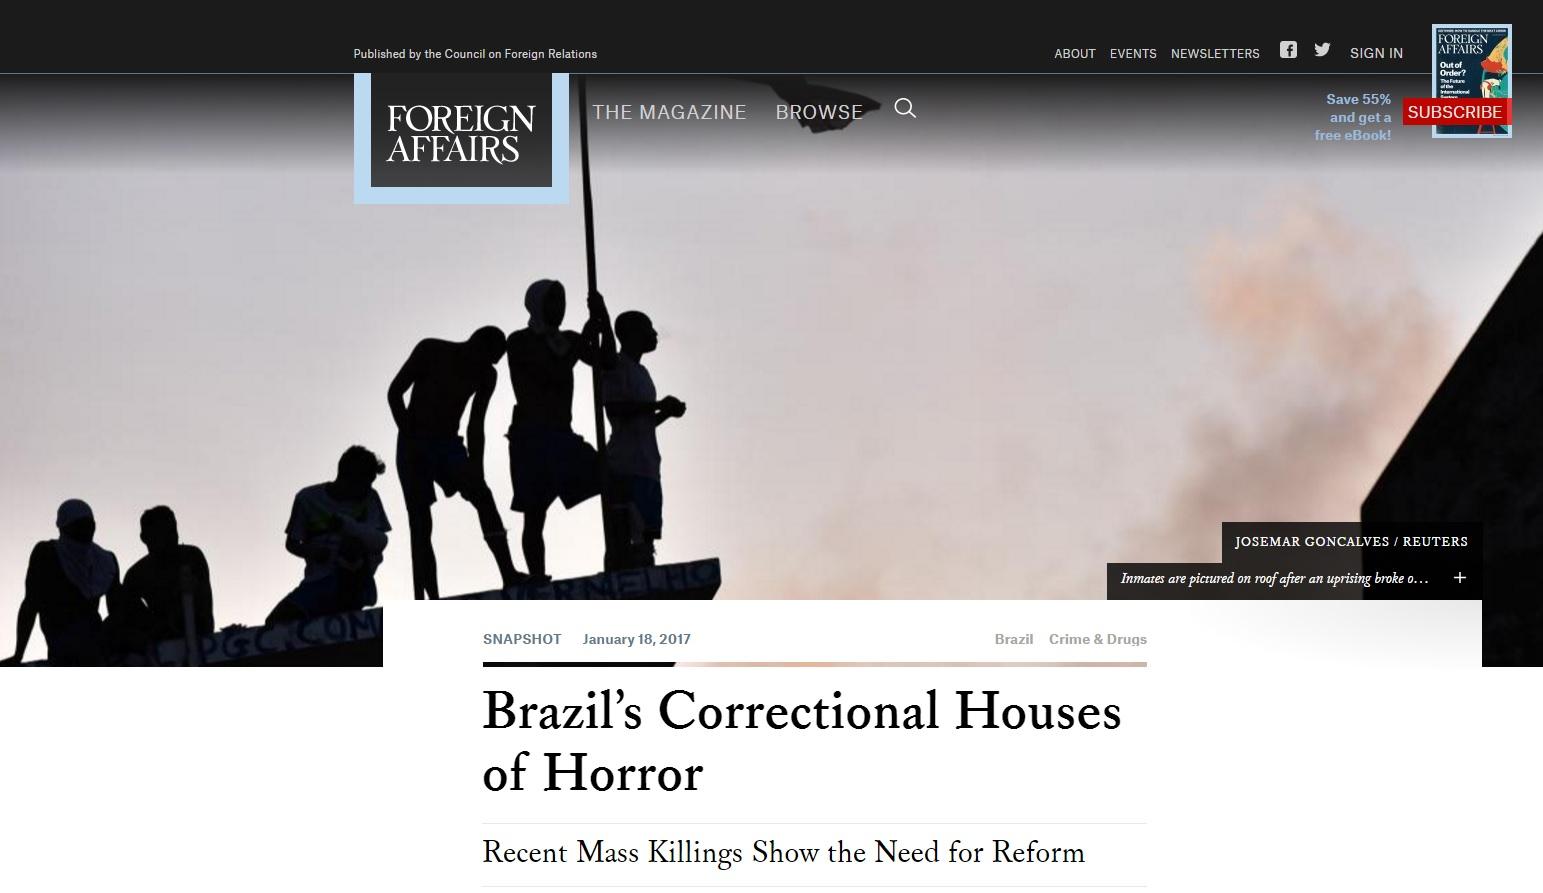 Onda de violência mostra que presídios brasileiros são um horror, diz mídia estrangeira